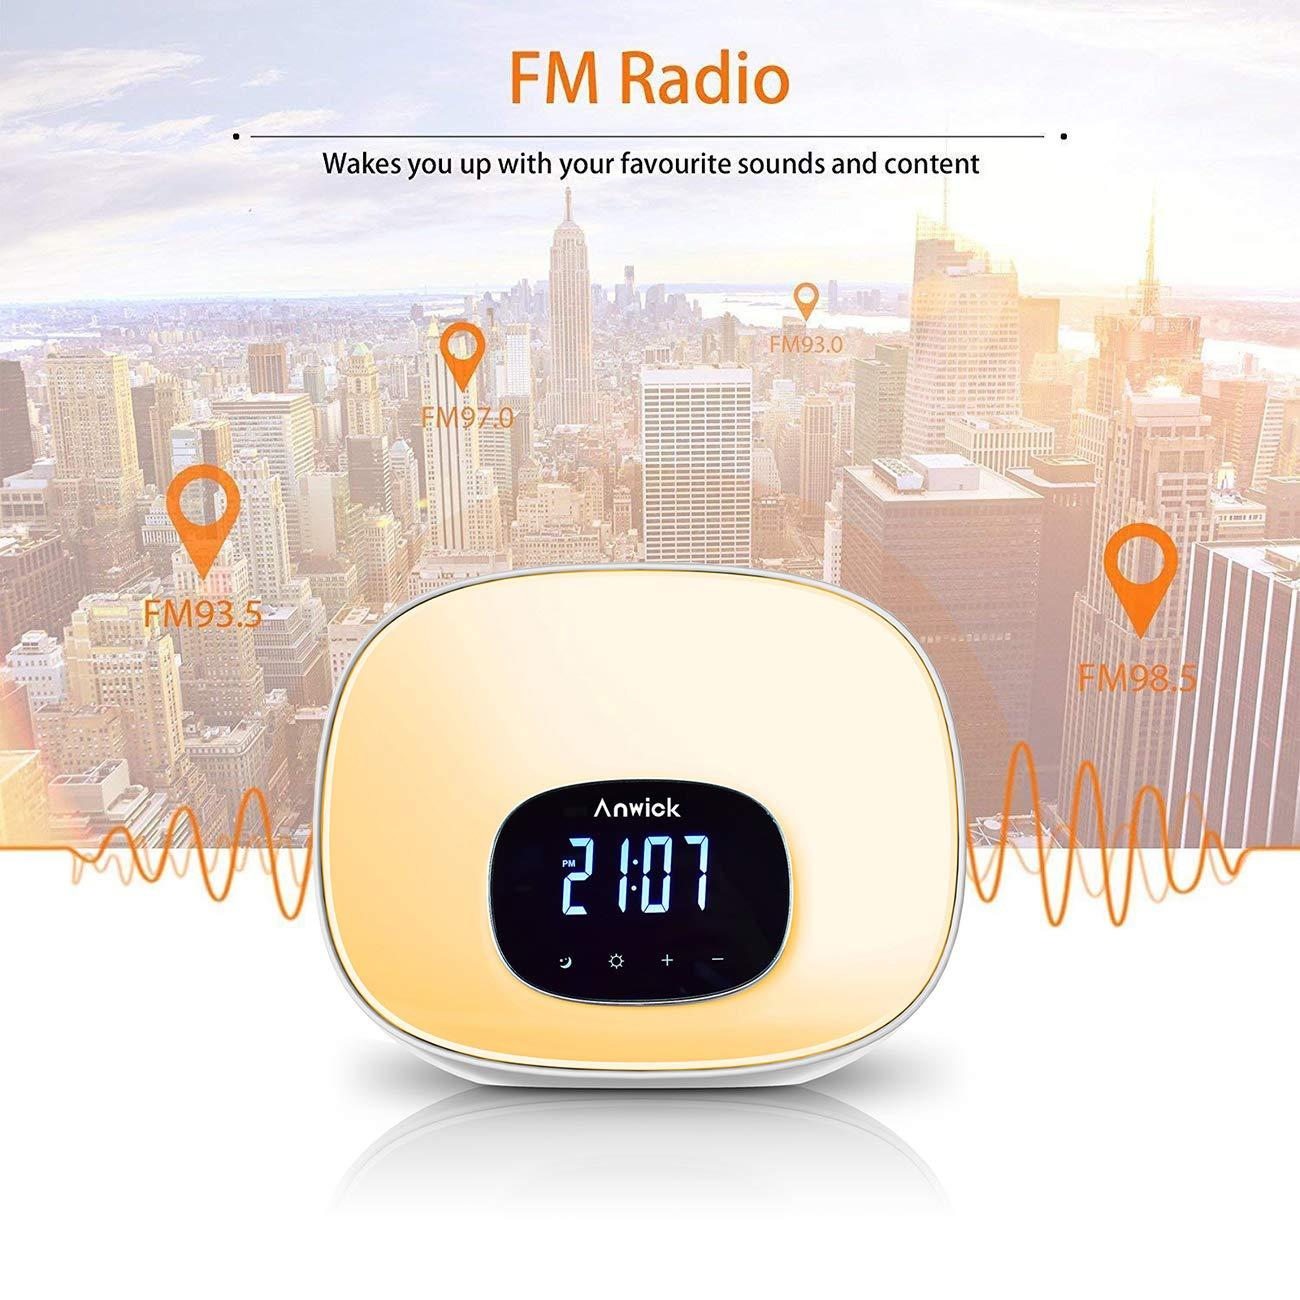 Geschenk FM Radio Snooze Funktion Anwick Wake Up Light Lichtwecker Ideal f/ür Haus 8 Alarmt/öne 10 Farben LED Lichtwecker mit Sonnenaufgang Simulation